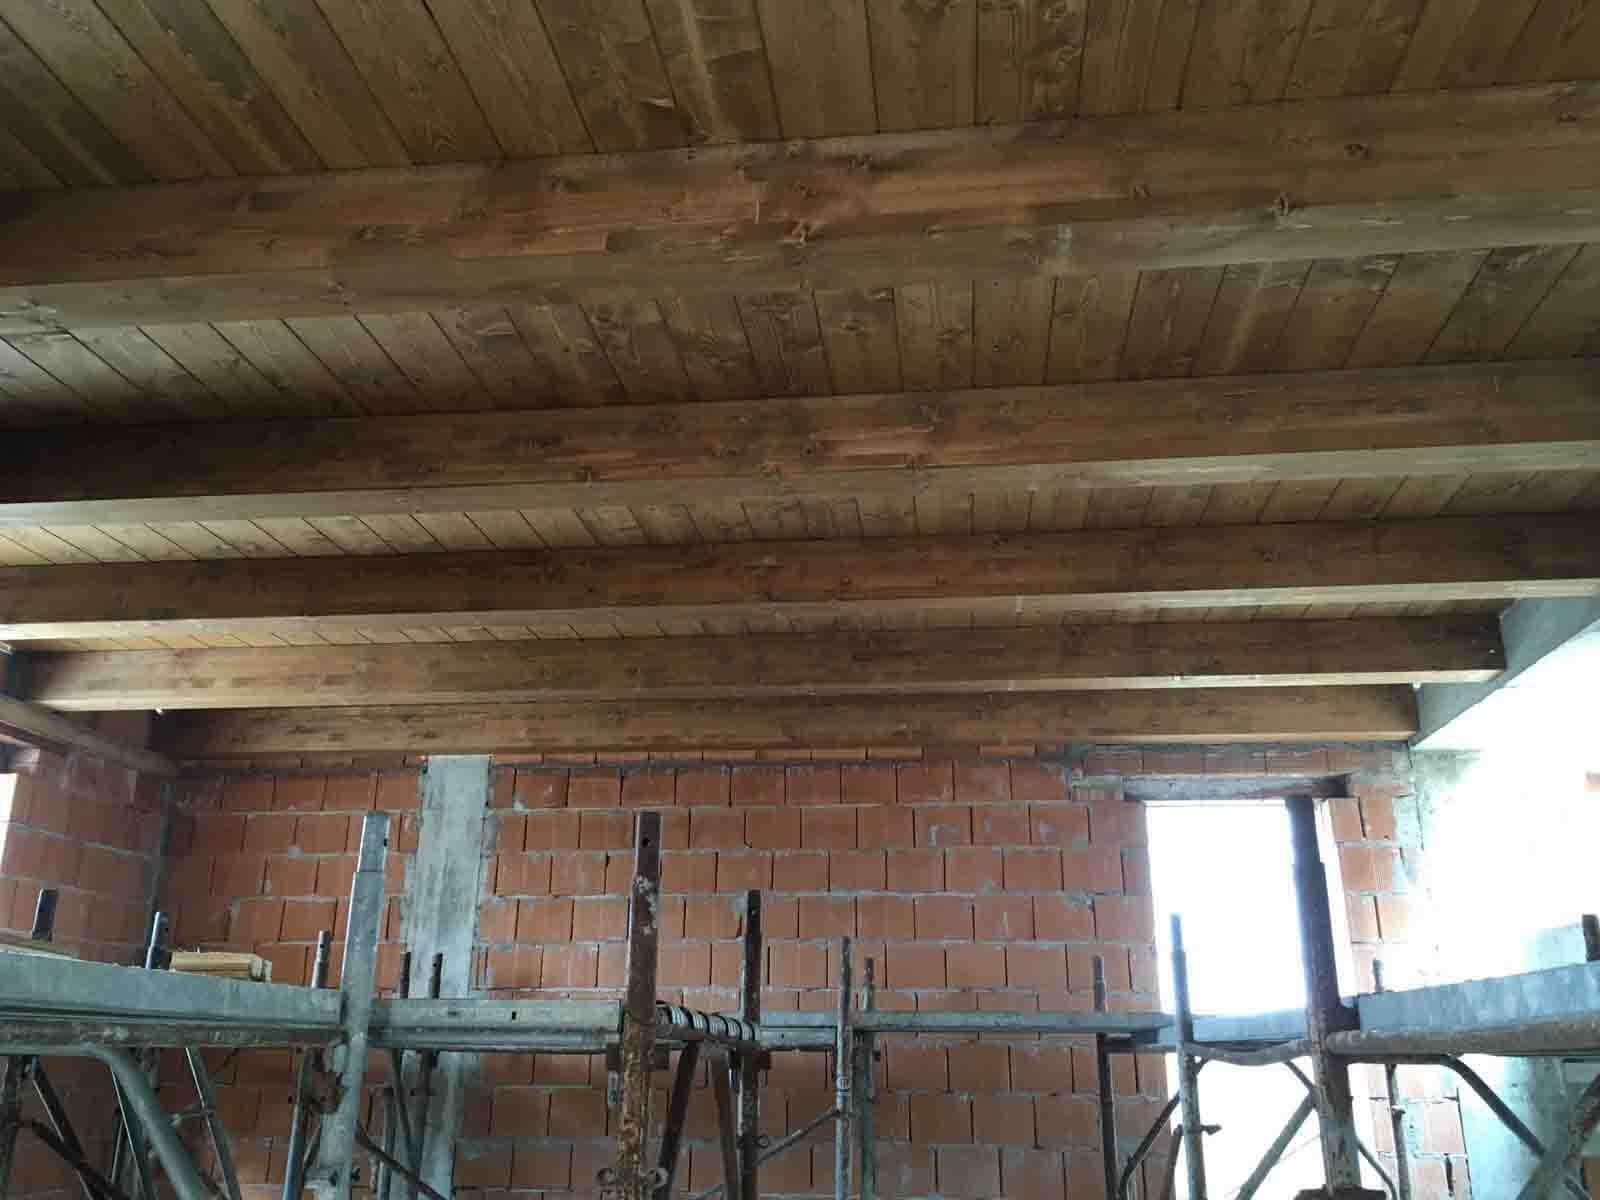 costruzione-nuovo-fabbricato-dettaglio-solaio-in-legno